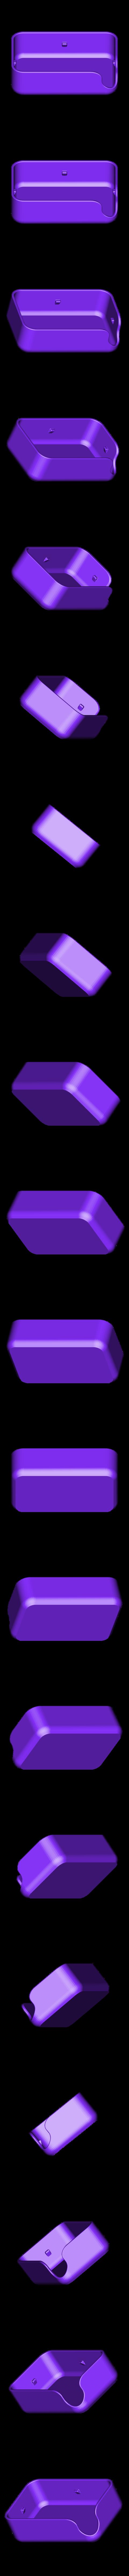 Soap_holder_-_Box.STL Télécharger fichier STL gratuit Soap holder • Modèle pour imprimante 3D, piuLAB